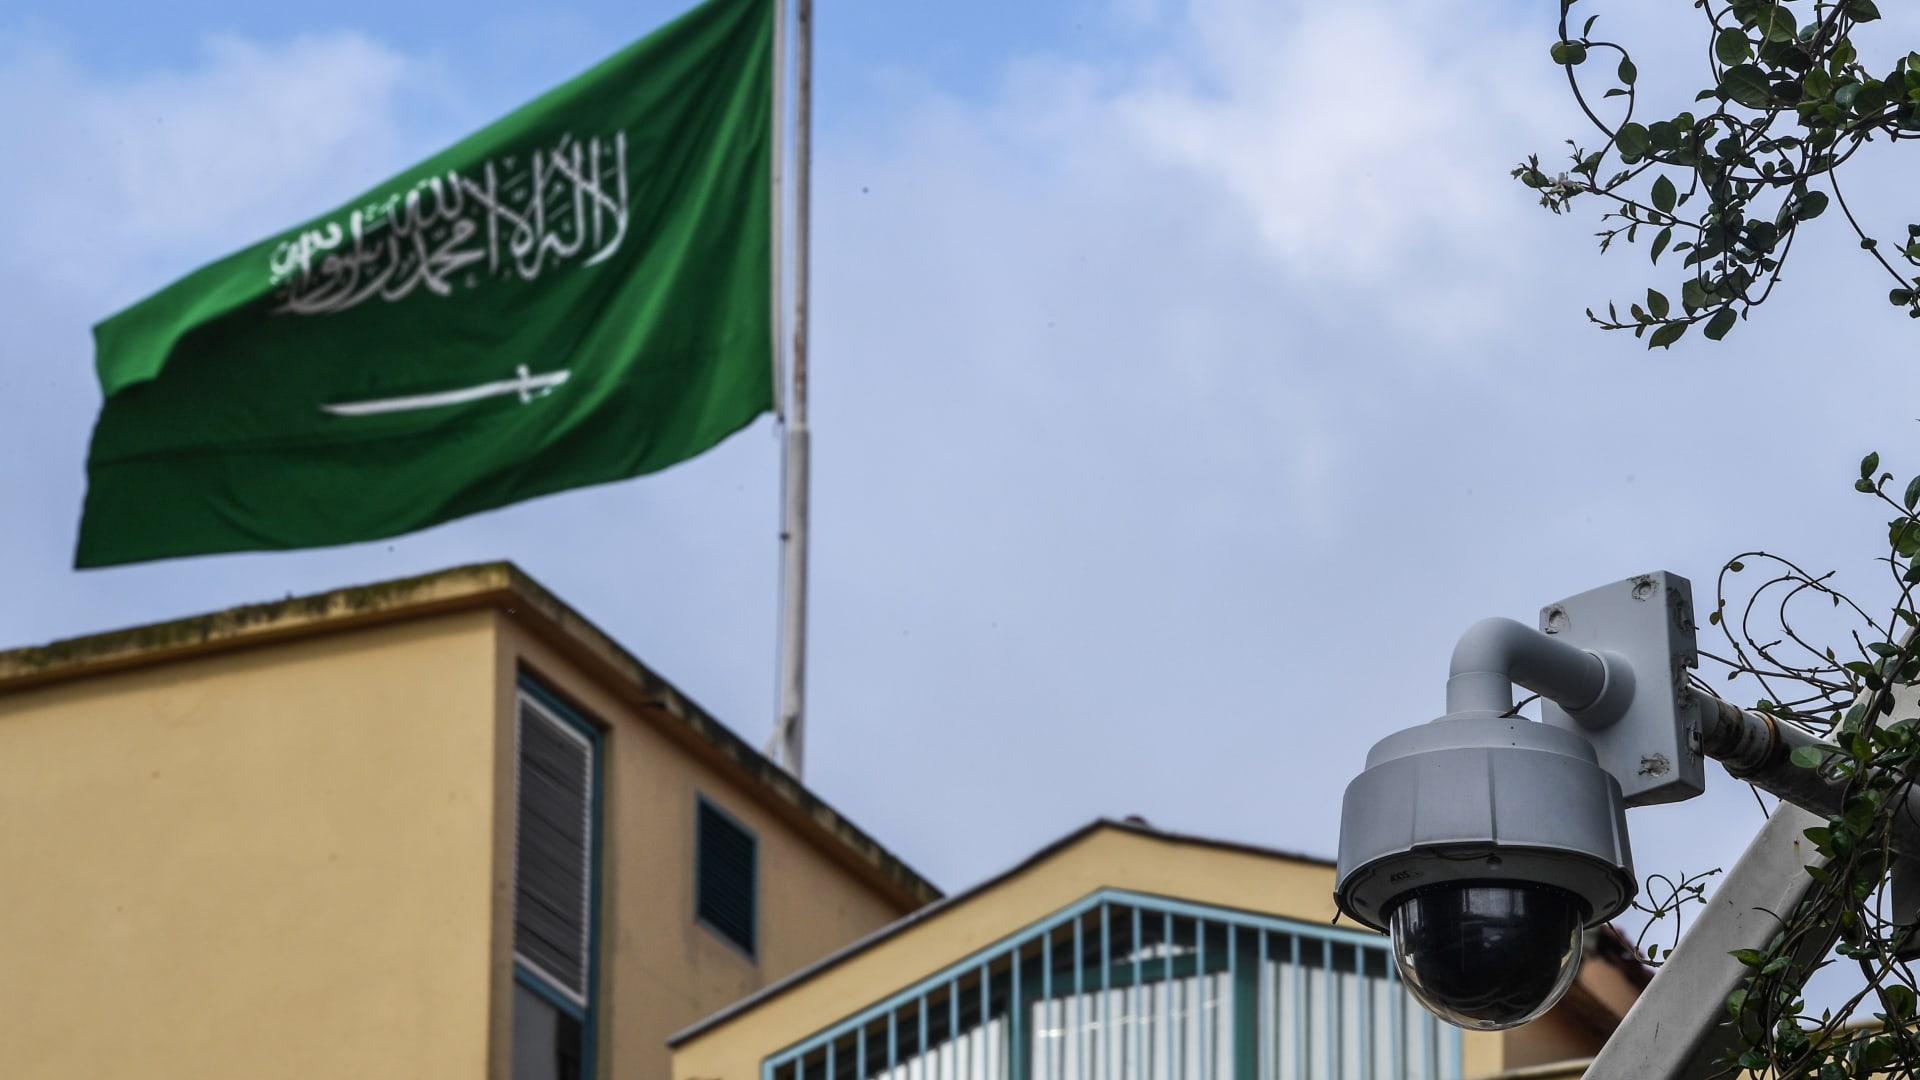 حصريا.. ترودو في لقاء حول قضية مقتل الصحفي جمال خاشقجي